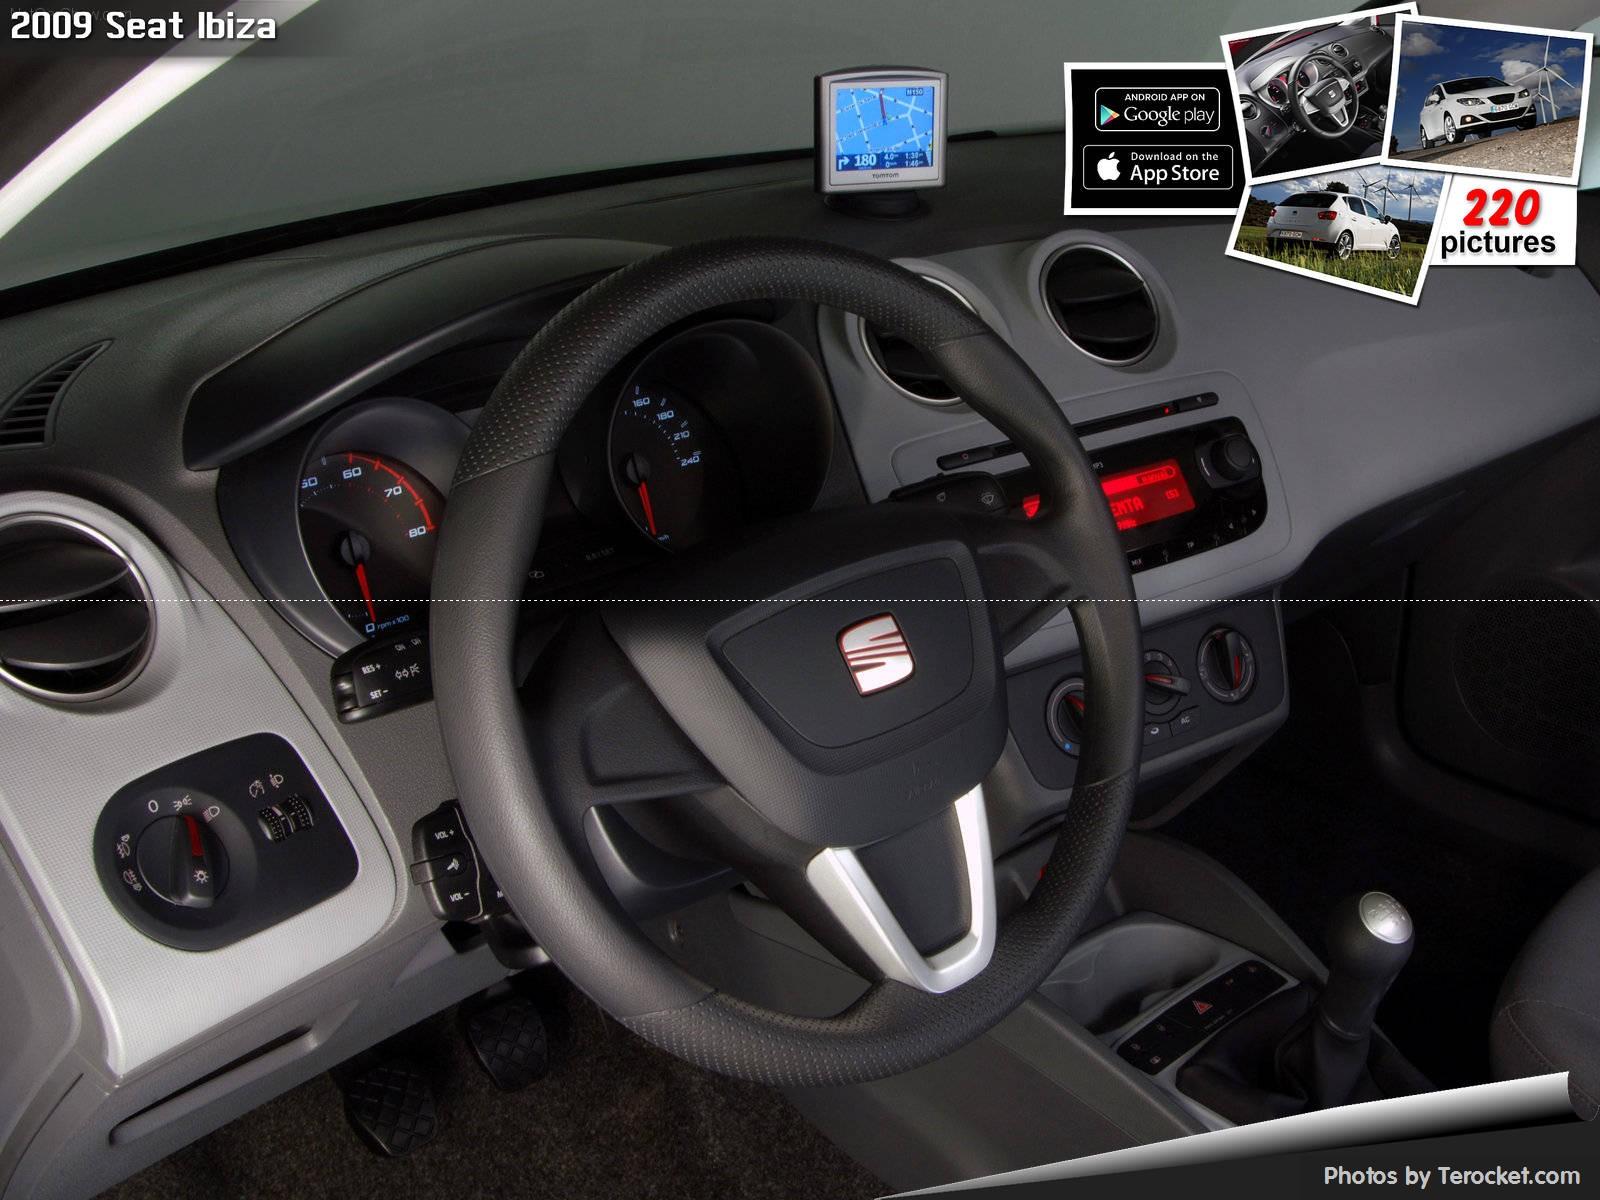 Hình ảnh xe ô tô Seat Ibiza 2009 & nội ngoại thất